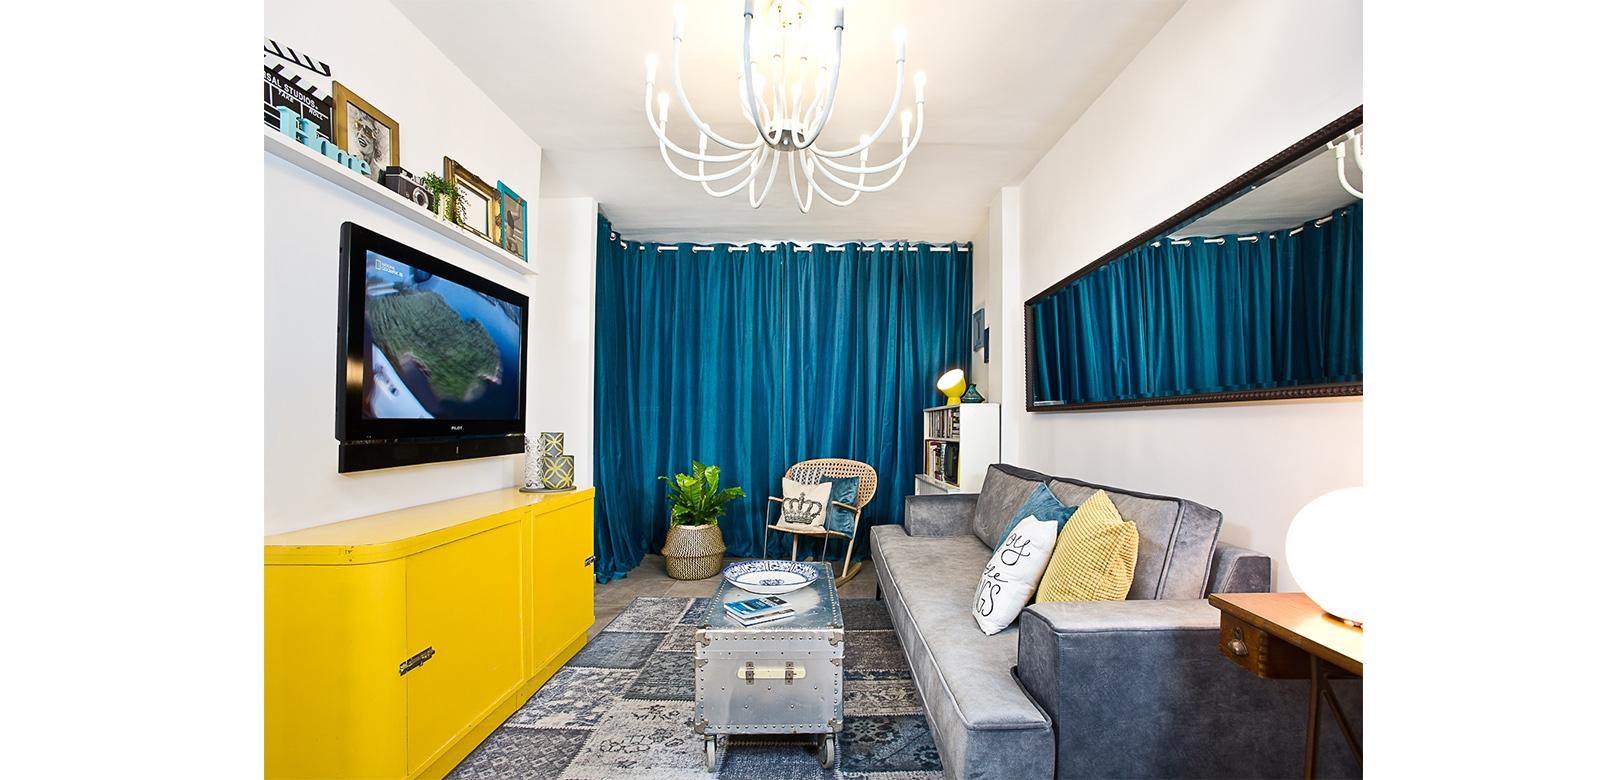 דירה יצירתית בסגנון אקלקטי - תמונה מספר 5